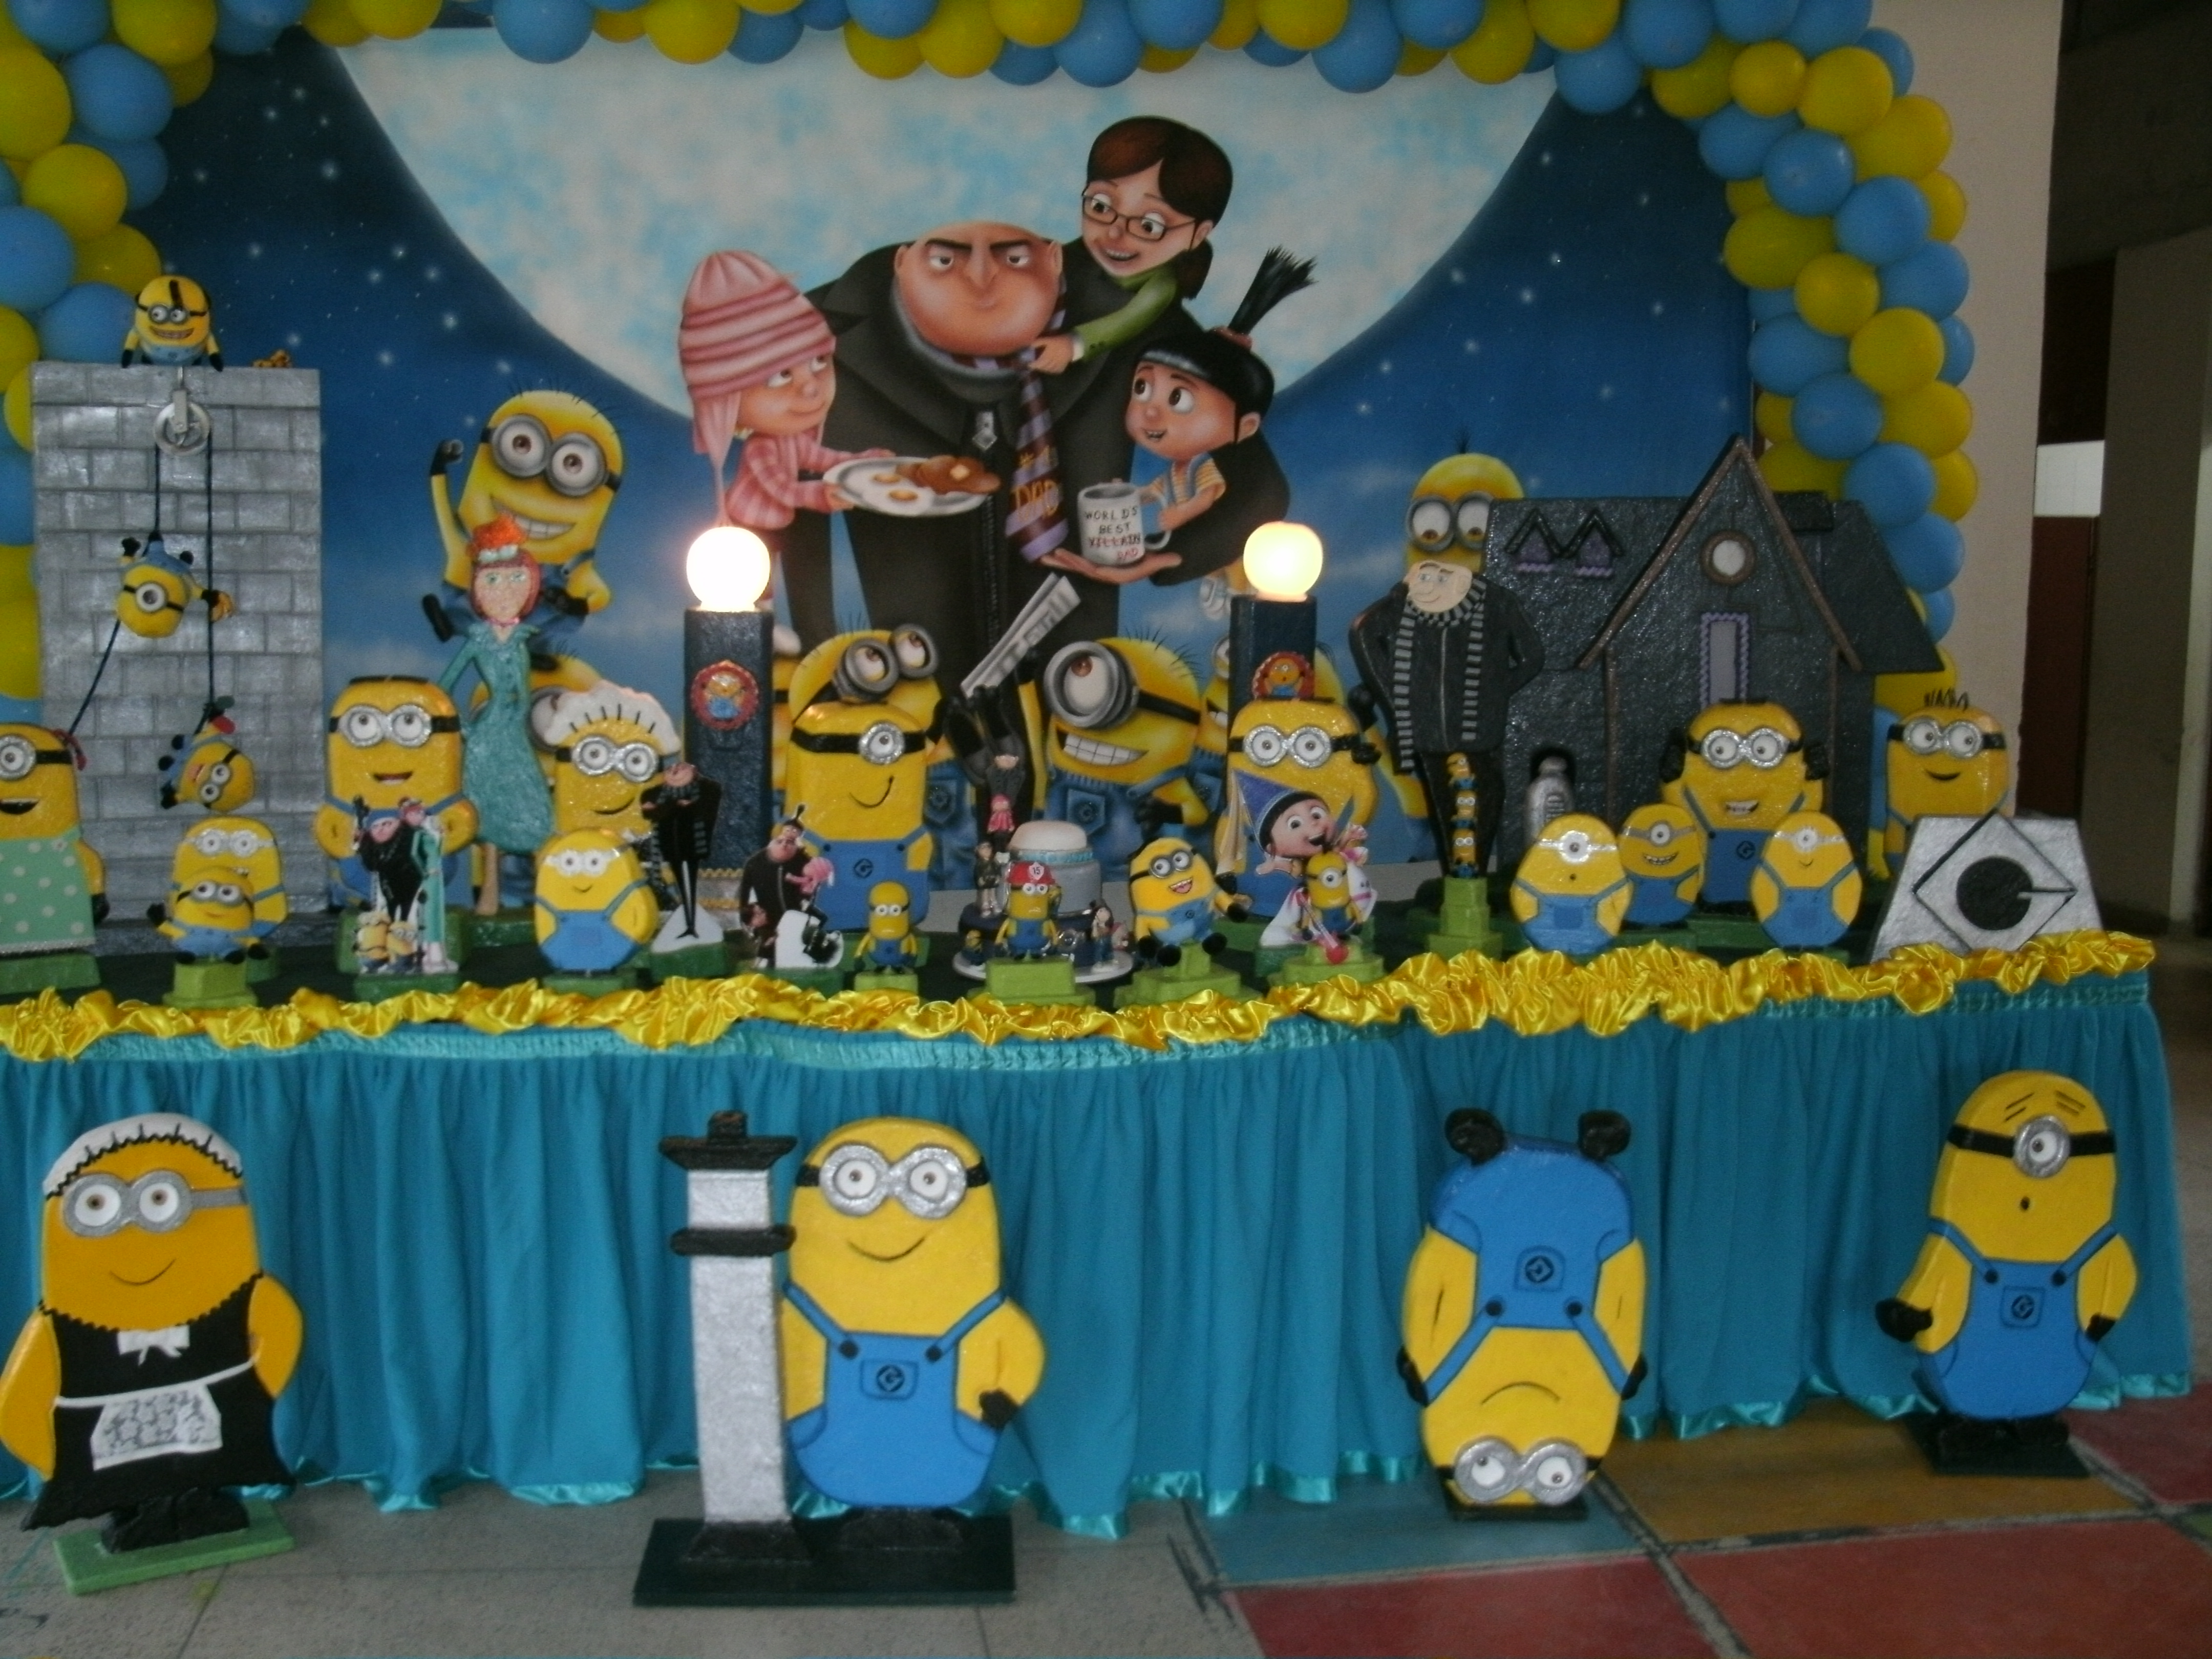 decoracao festa minions : decoracao festa minions:decoracao-de-festa-infantil-minions-decoracao-de-festa